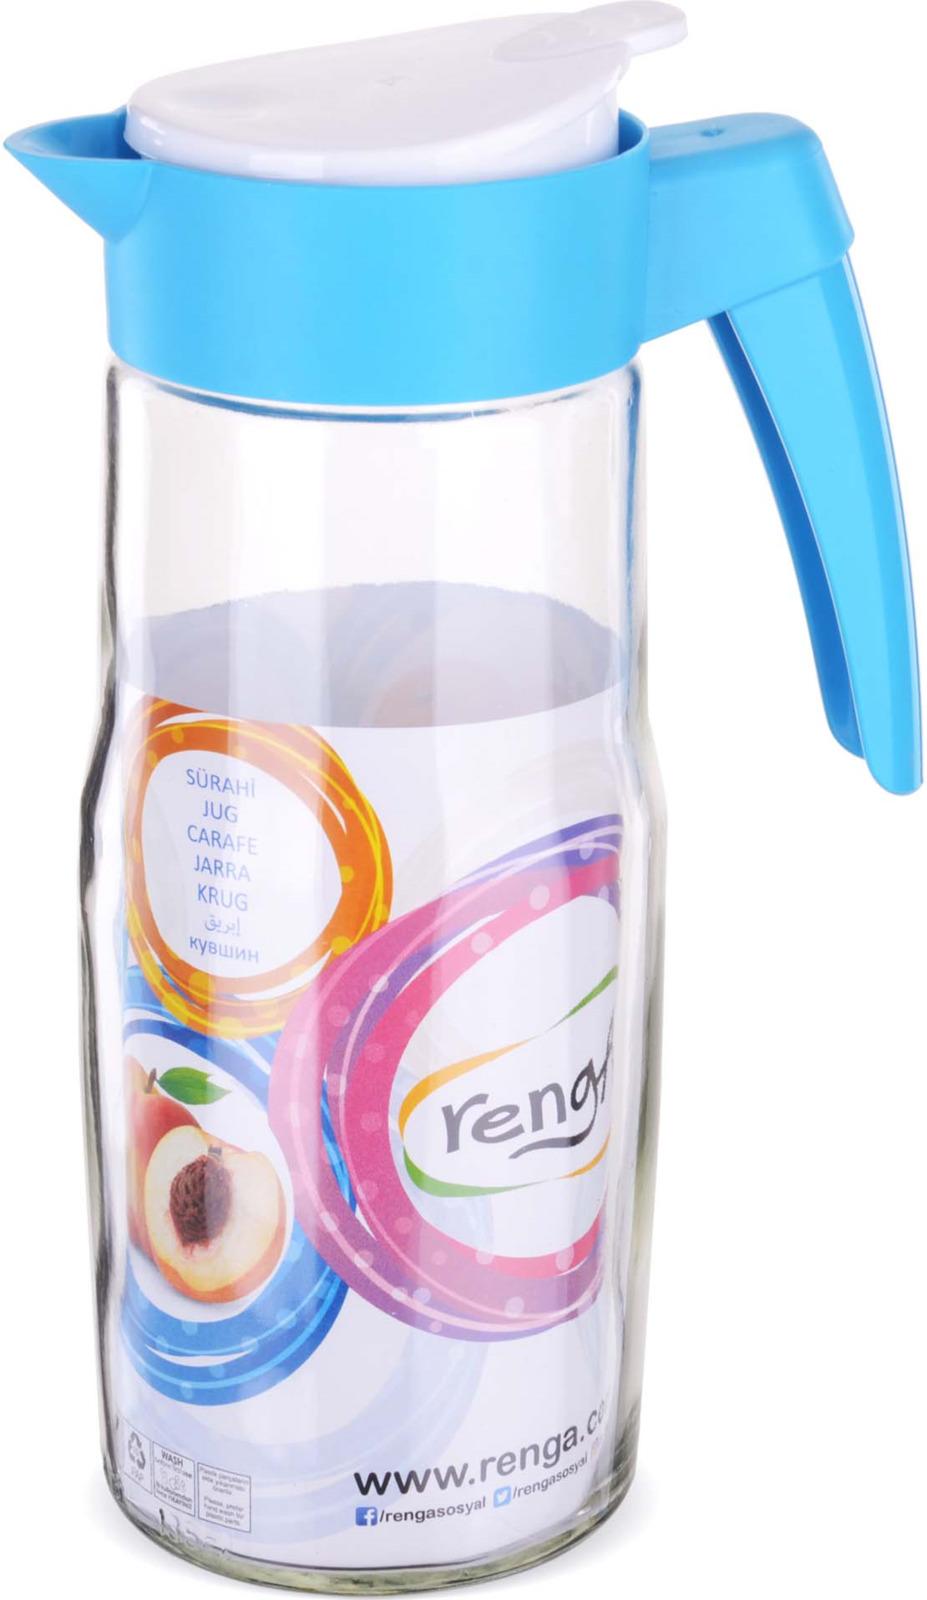 Кувшин Mayer & Boch, выполнен из высококачественного стекла и пластика. Удобная форма носика и крышка позволяет защитить ваш напиток от попадания излишних запахов в ваш напиток. Подходит для: соков, морсов, компотов и любых интересных для Вас напитков. Кувшин так же имеет удобную ручку, которая упрощает использование его. За счет гладкой поверхности, изделие легко мыть. Подходит для мытья в посудомоечной машине.